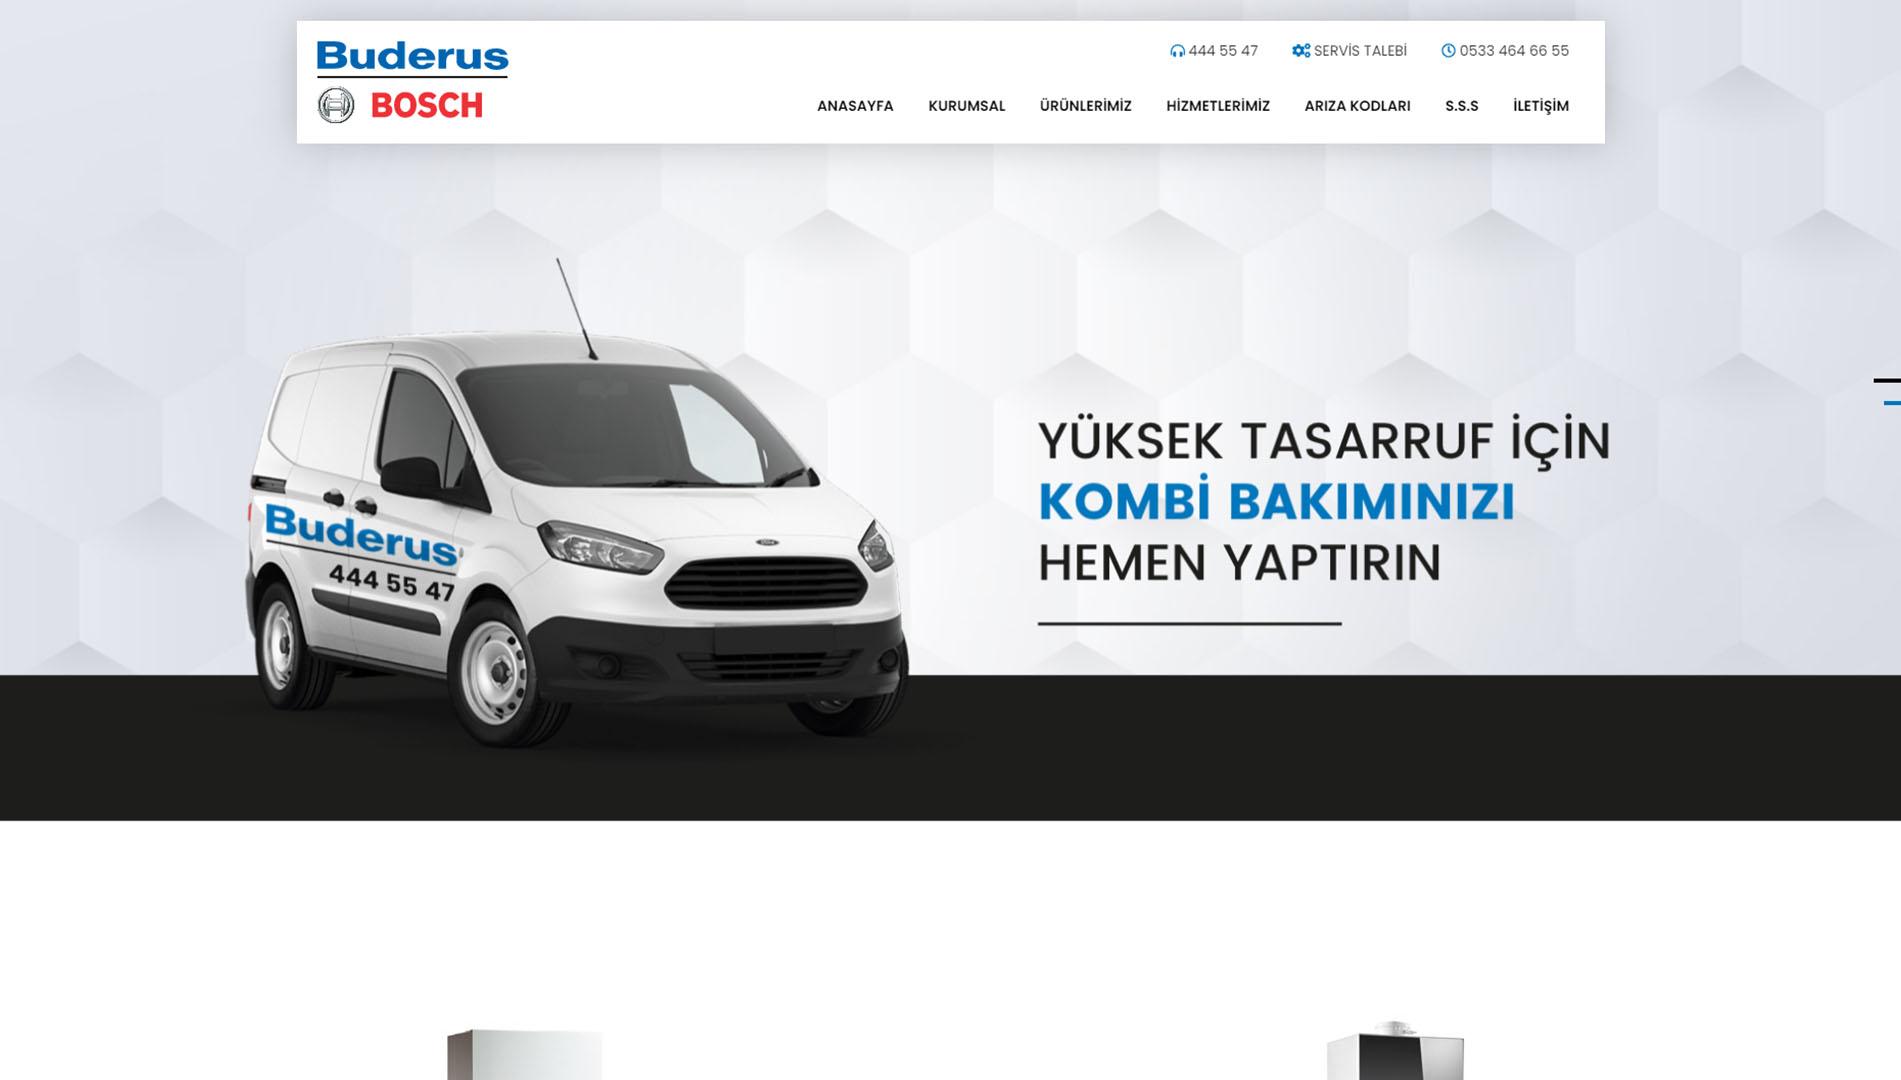 Buderus Servis